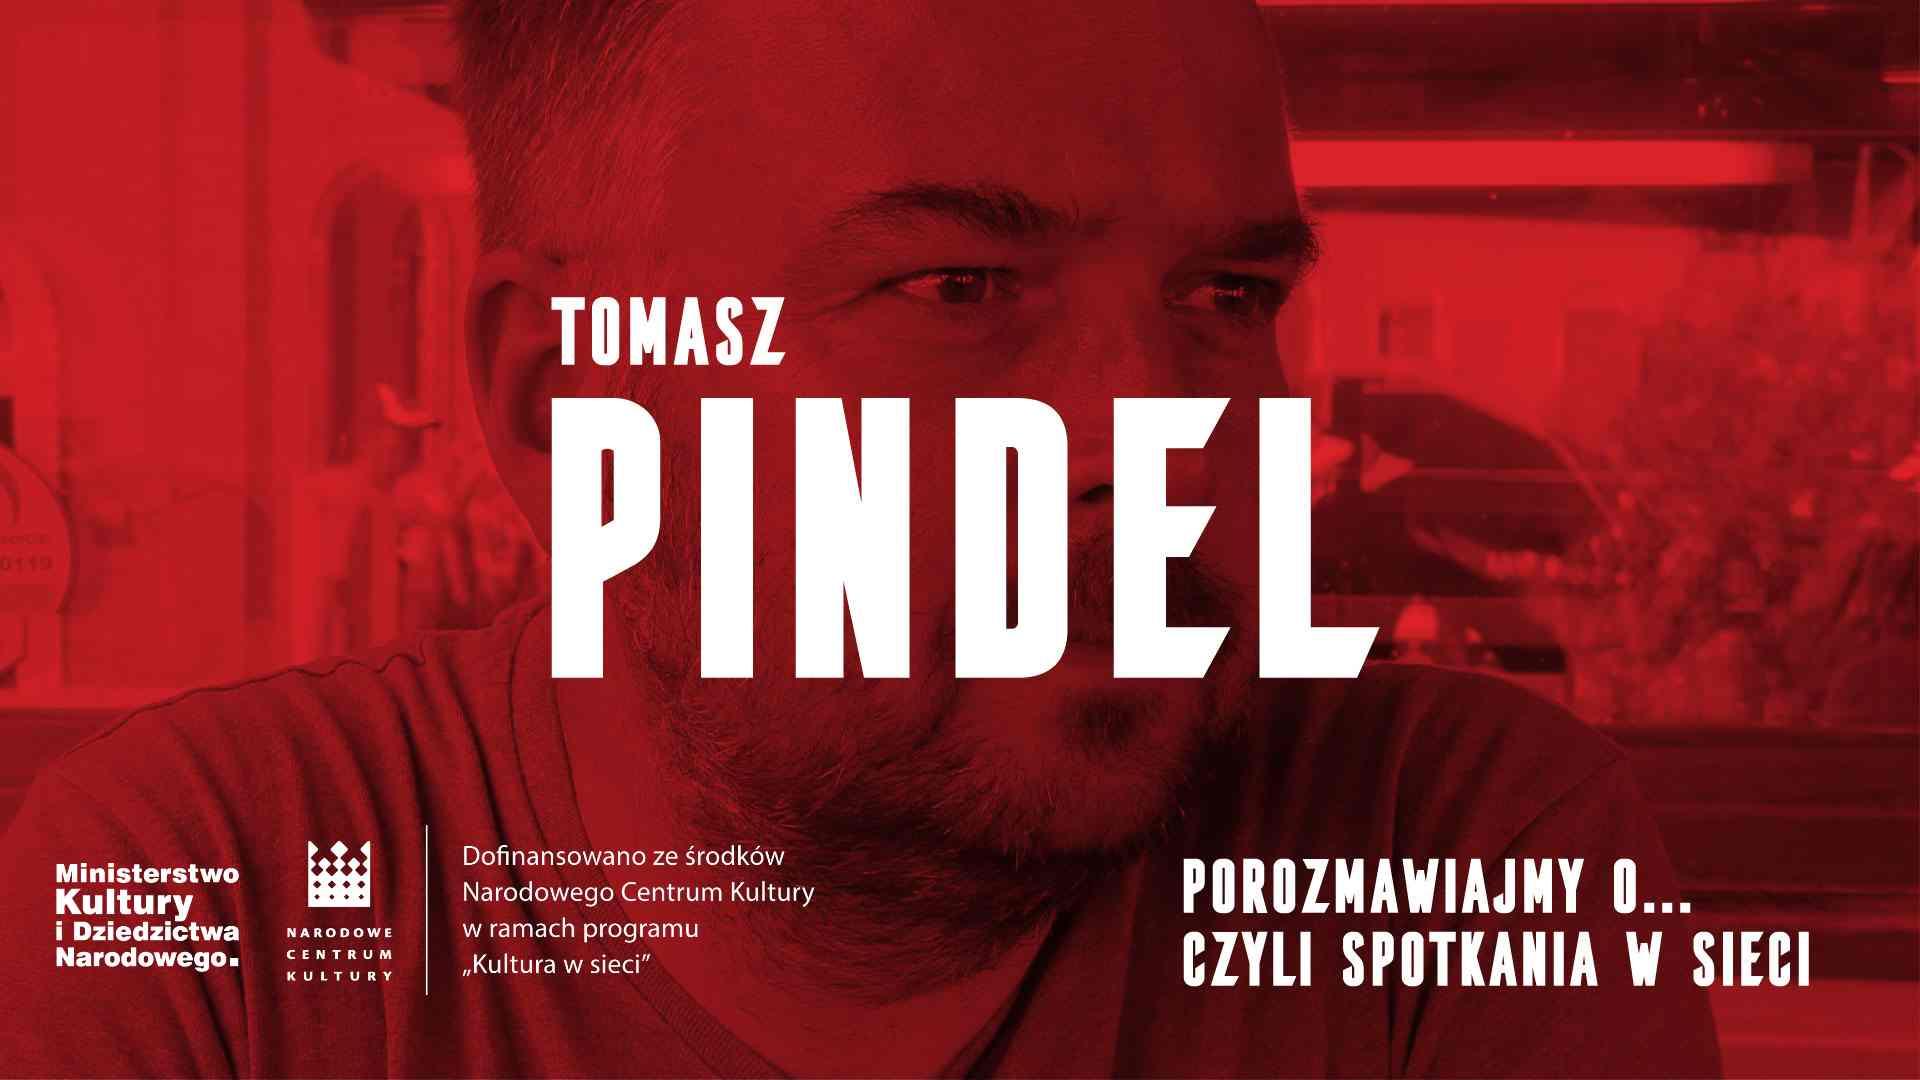 Porozmawiajmy o… czyli spotkania w sieci. Tomasz Pindel